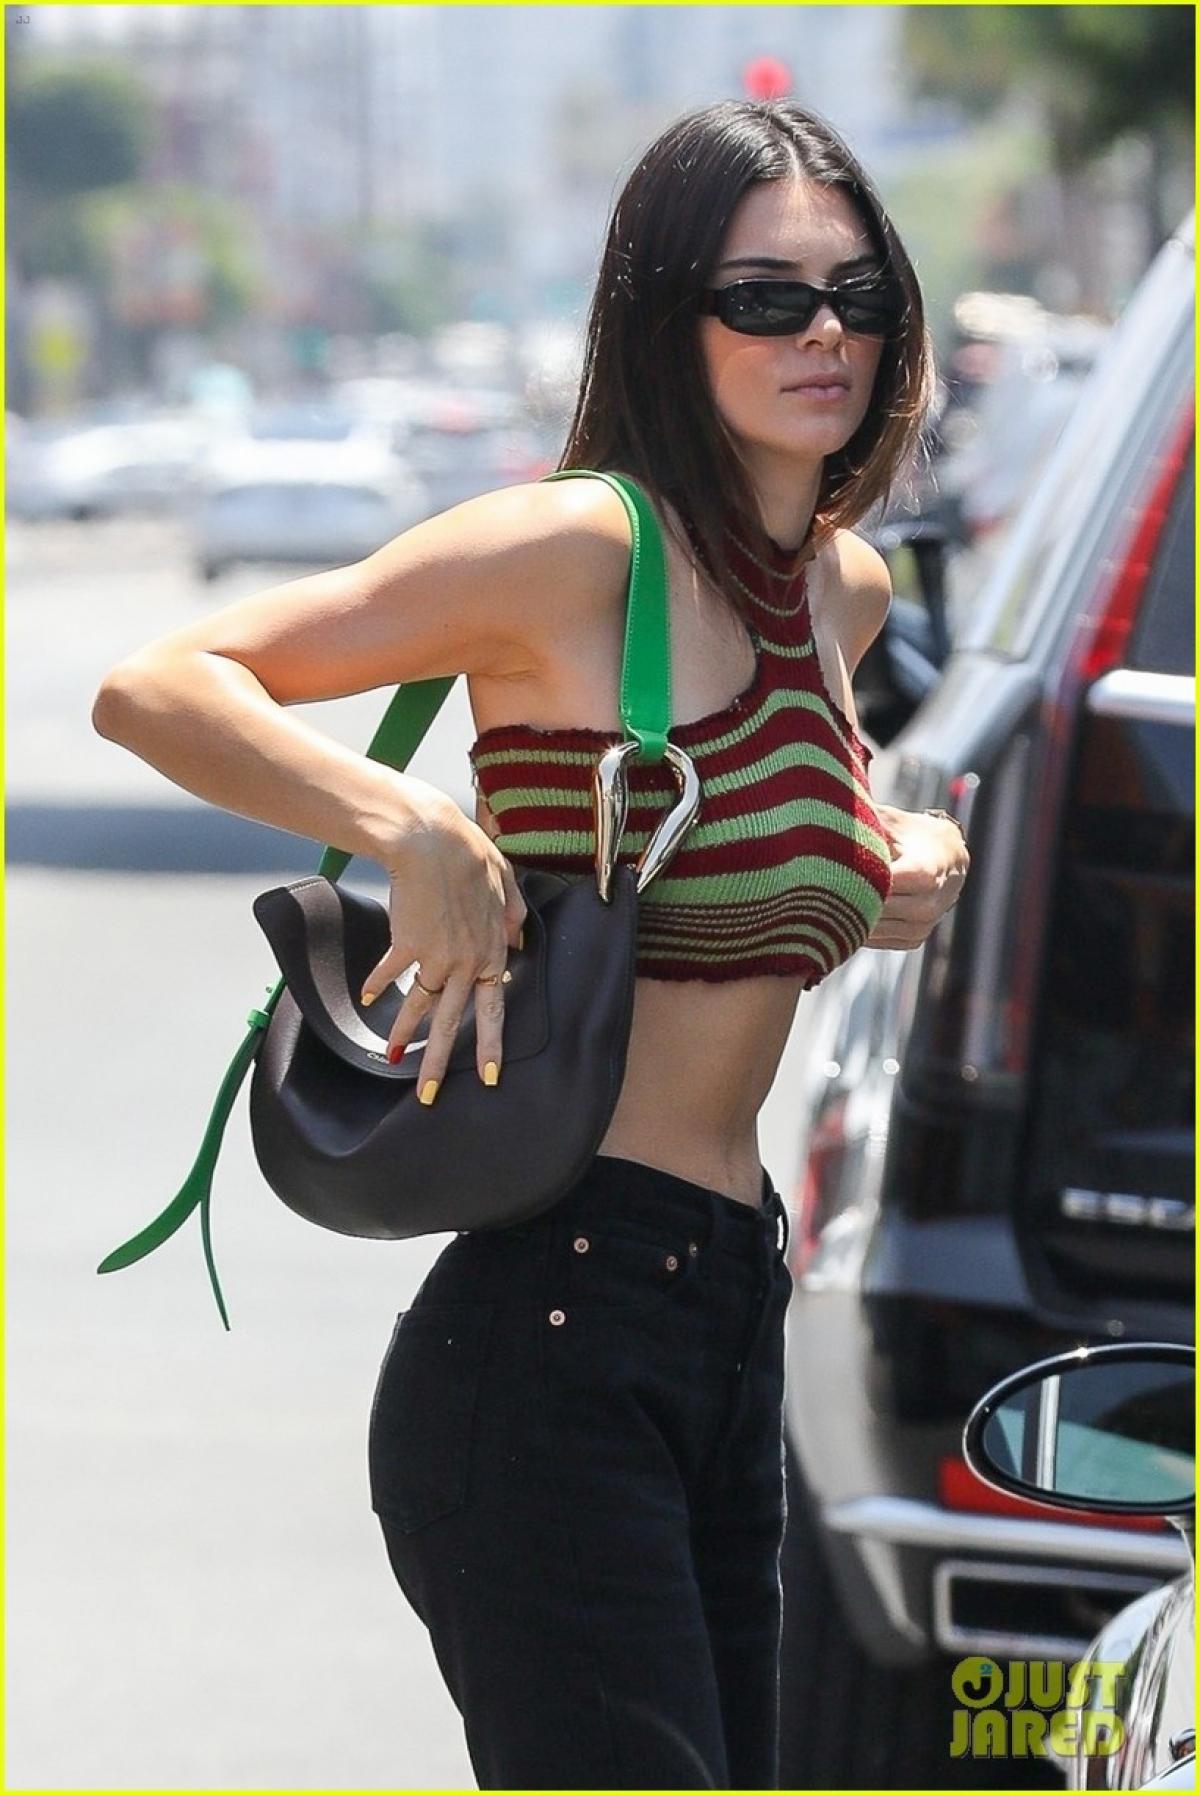 Người đẹp đeo túi xách hàng hiệu ra phố.